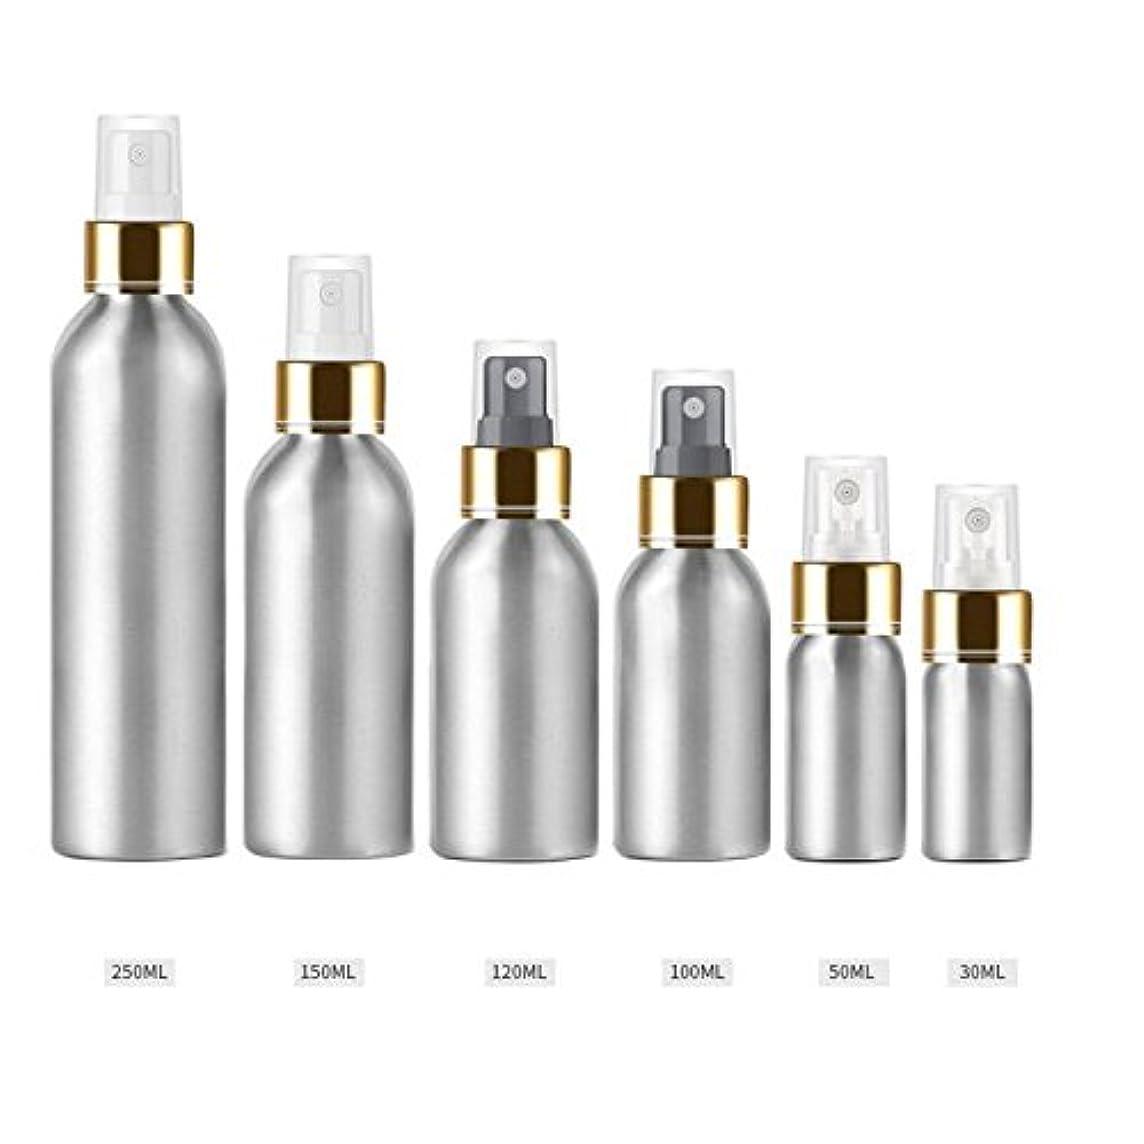 独特の分注する毎月Beho 1本30Ml - 250Mlアルミボトルアルミブライトゴールドアルマイトアルミスプレーボトル日焼け止めスプレーボトルトナーボトルトラベル - 透明 - 150Ml